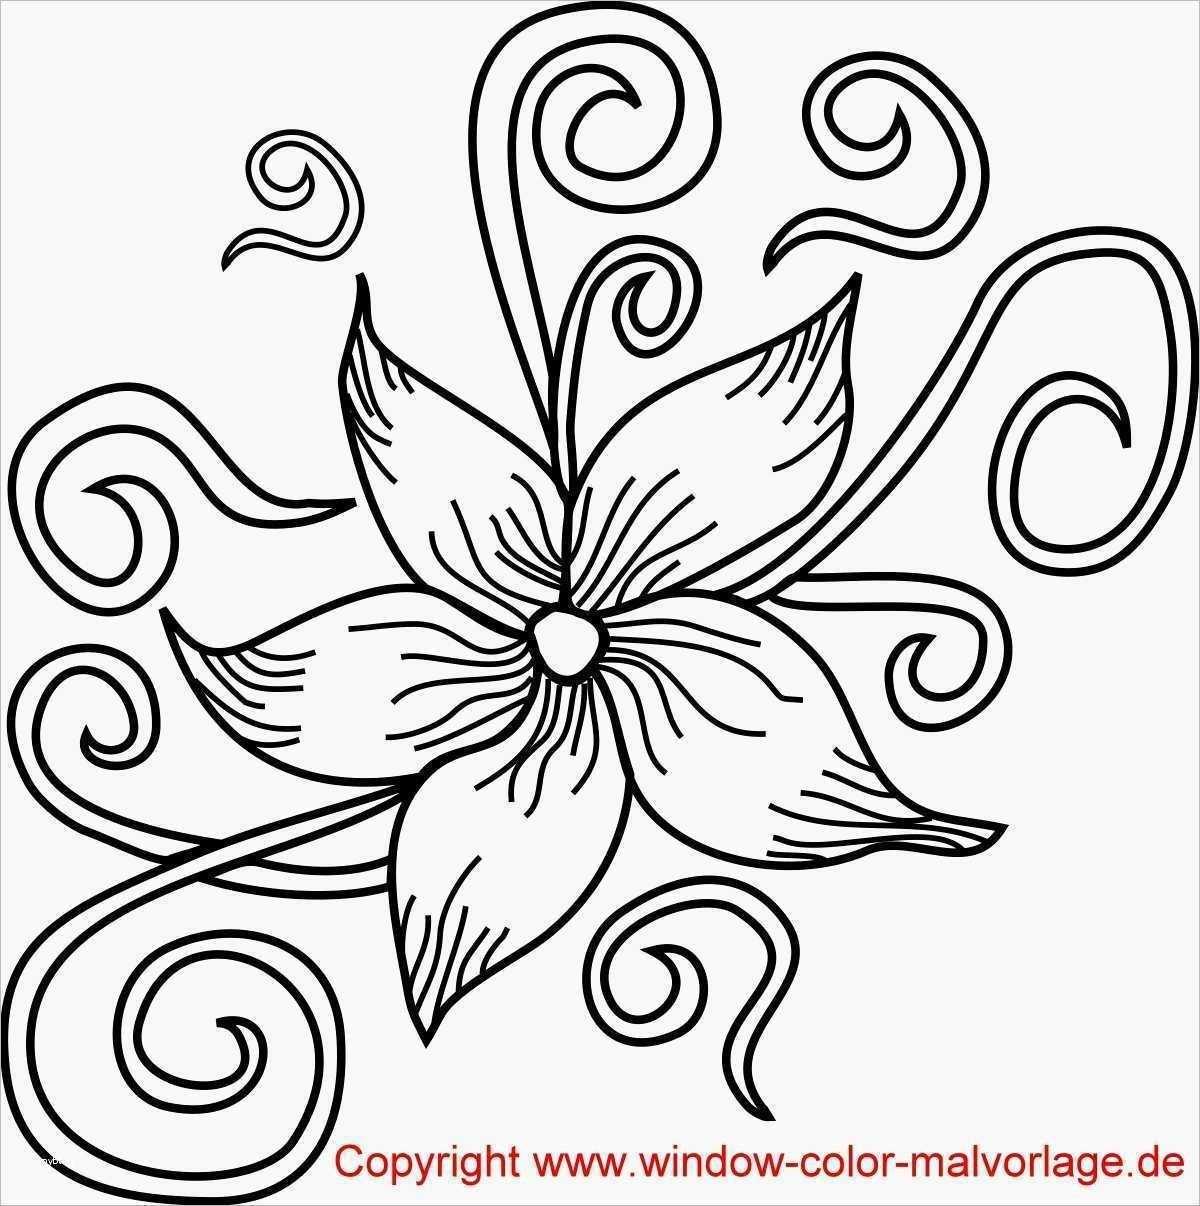 Bauernmalerei Malvorlagen Kostenlos Blumen Ausmalbilder Malvorlagen Blumen Blumen Vorlage